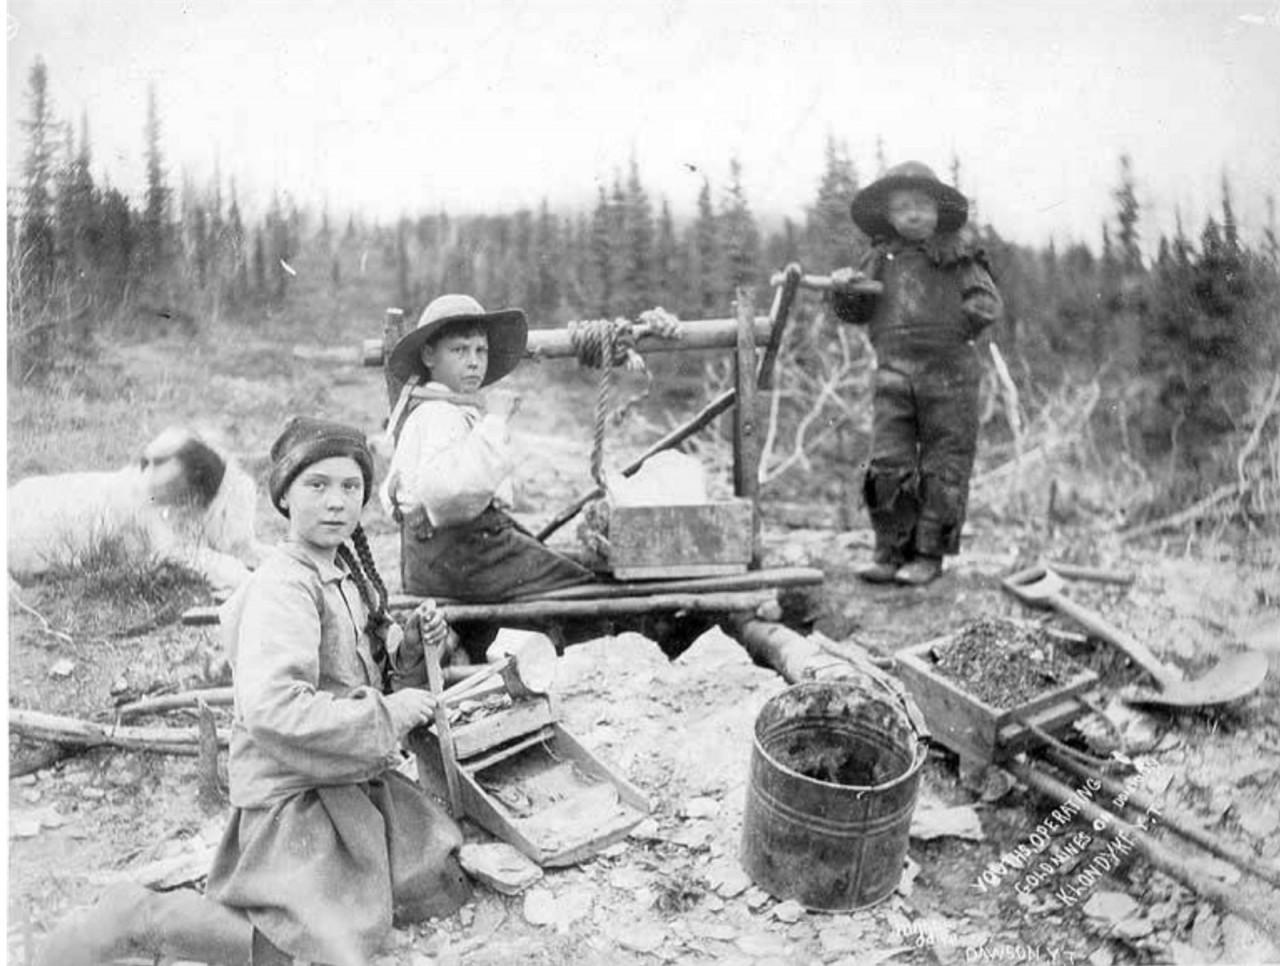 greta do passado - Foto de 1898 em acervo de universidade tem 'sósia' de Greta Thunberg em mina no Canadá